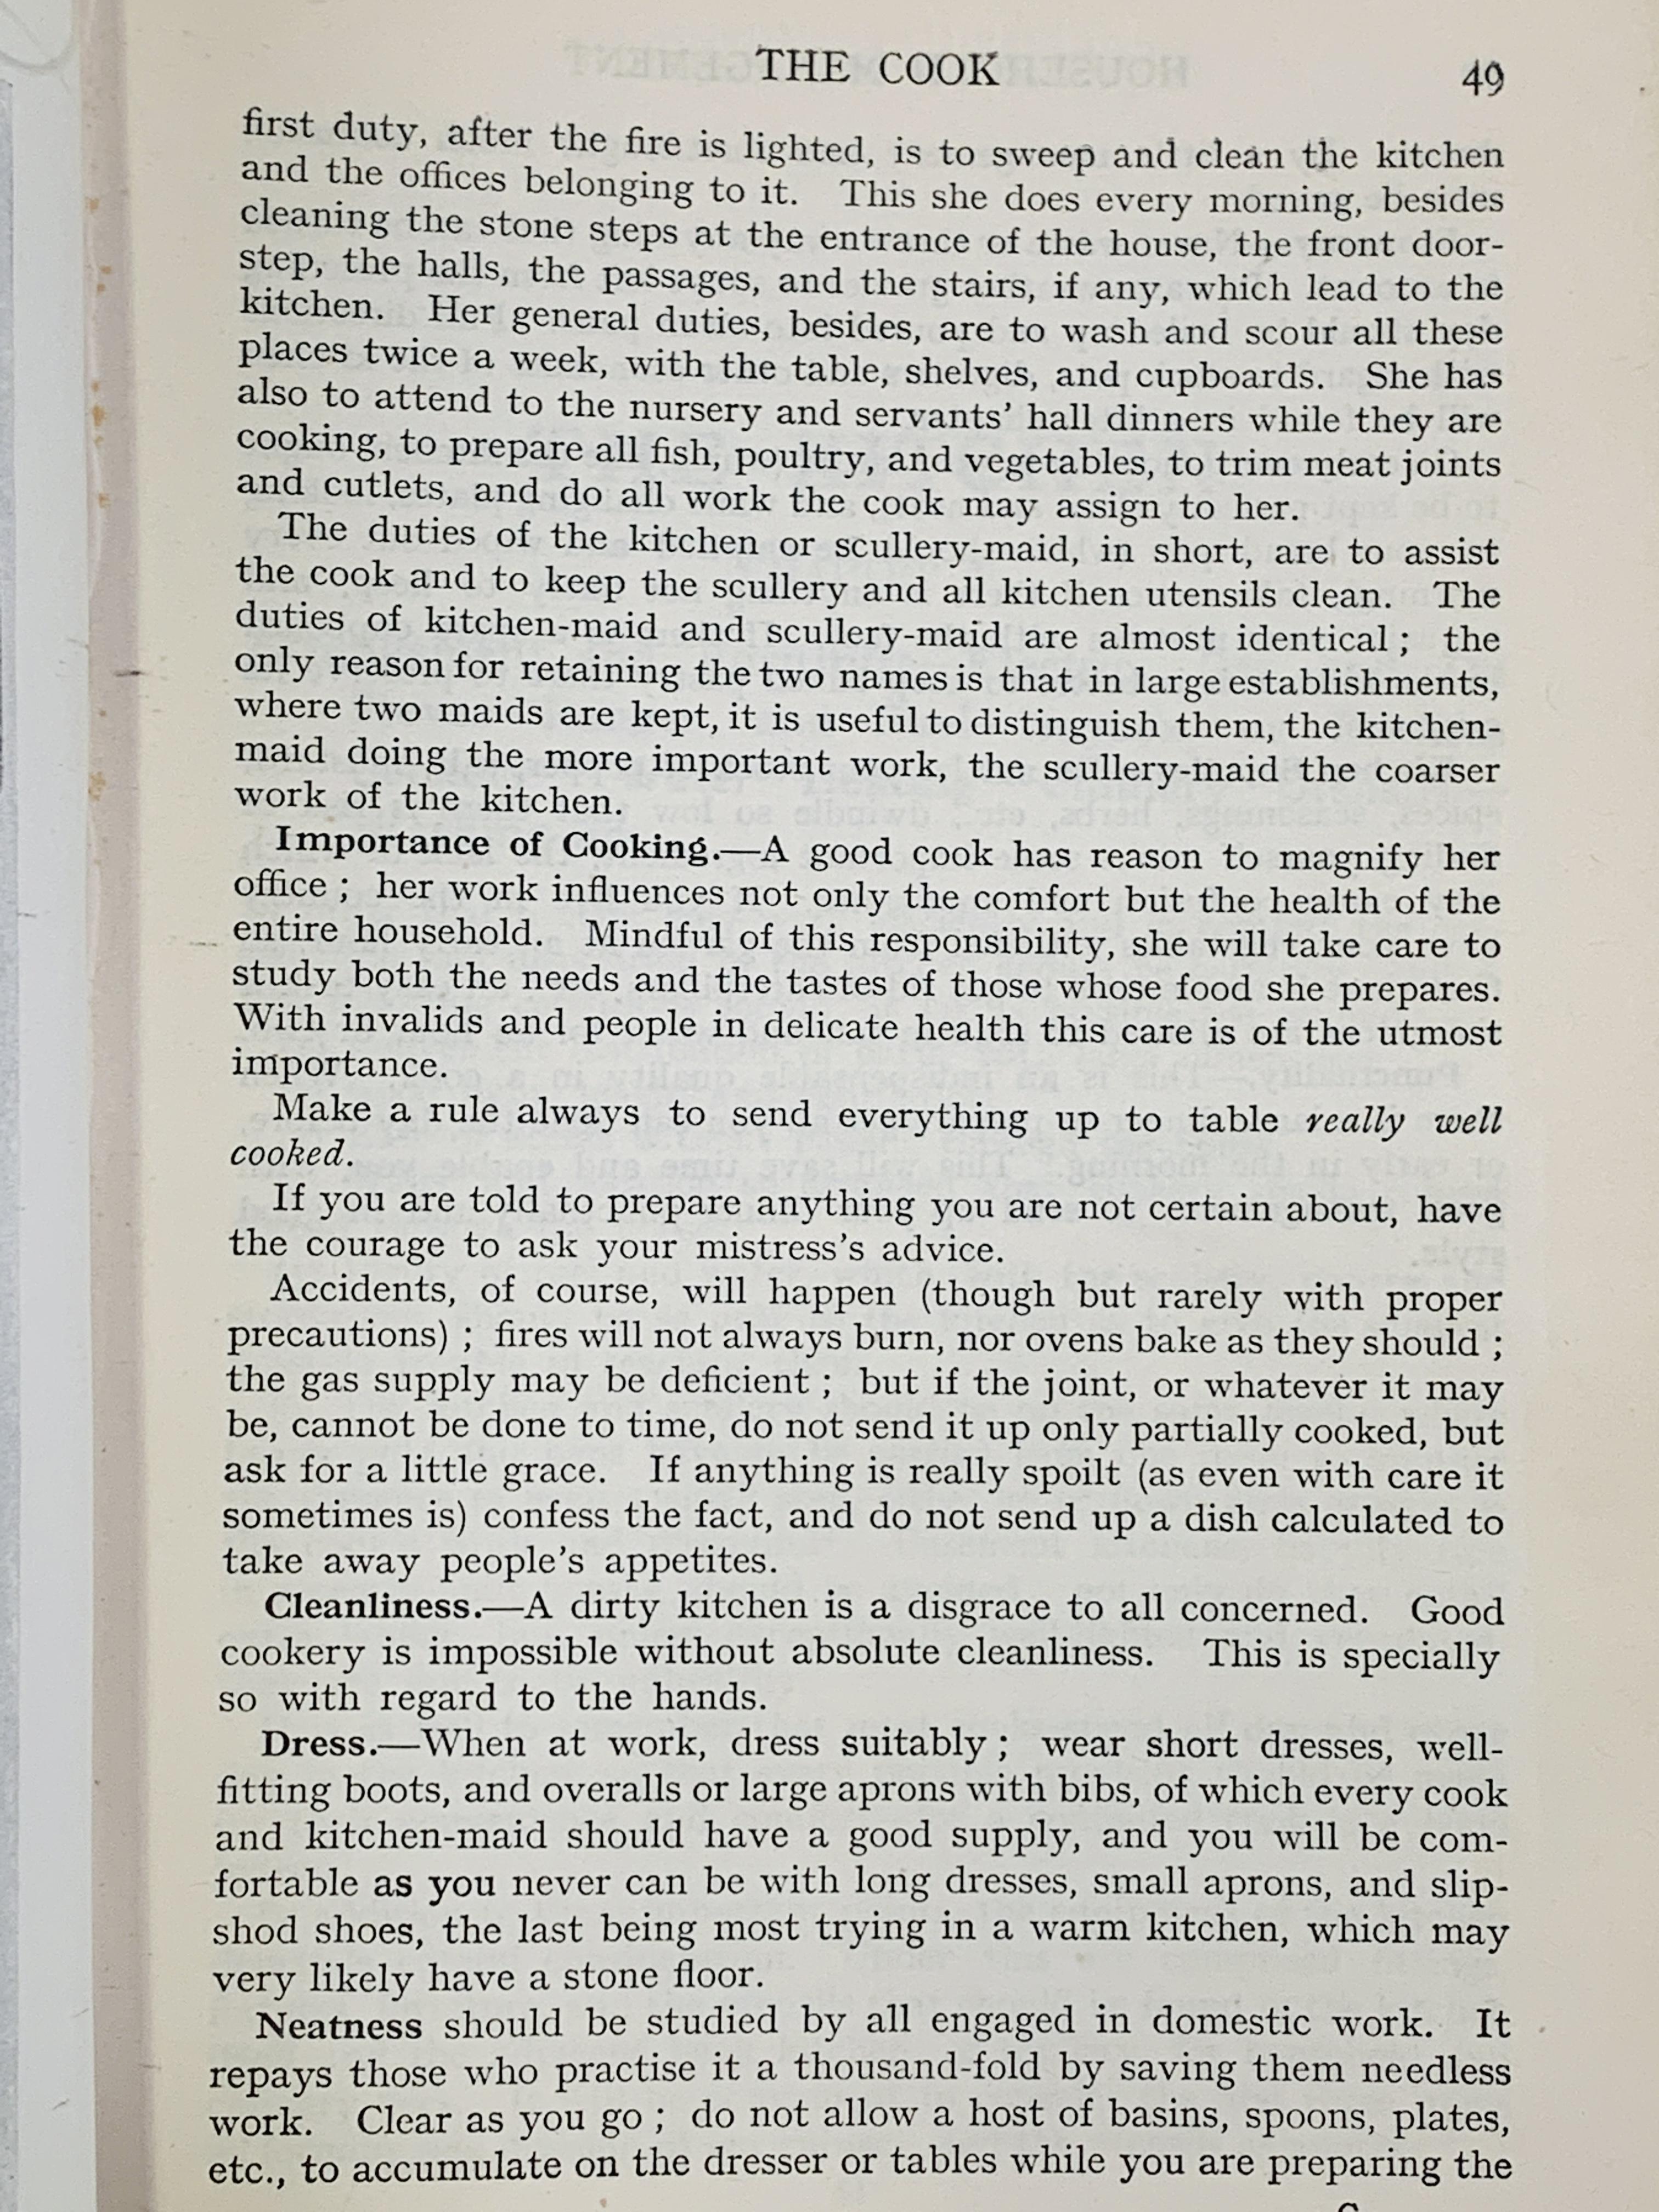 Mrs Beeton's Household Management, published 1923 - Image 3 of 4